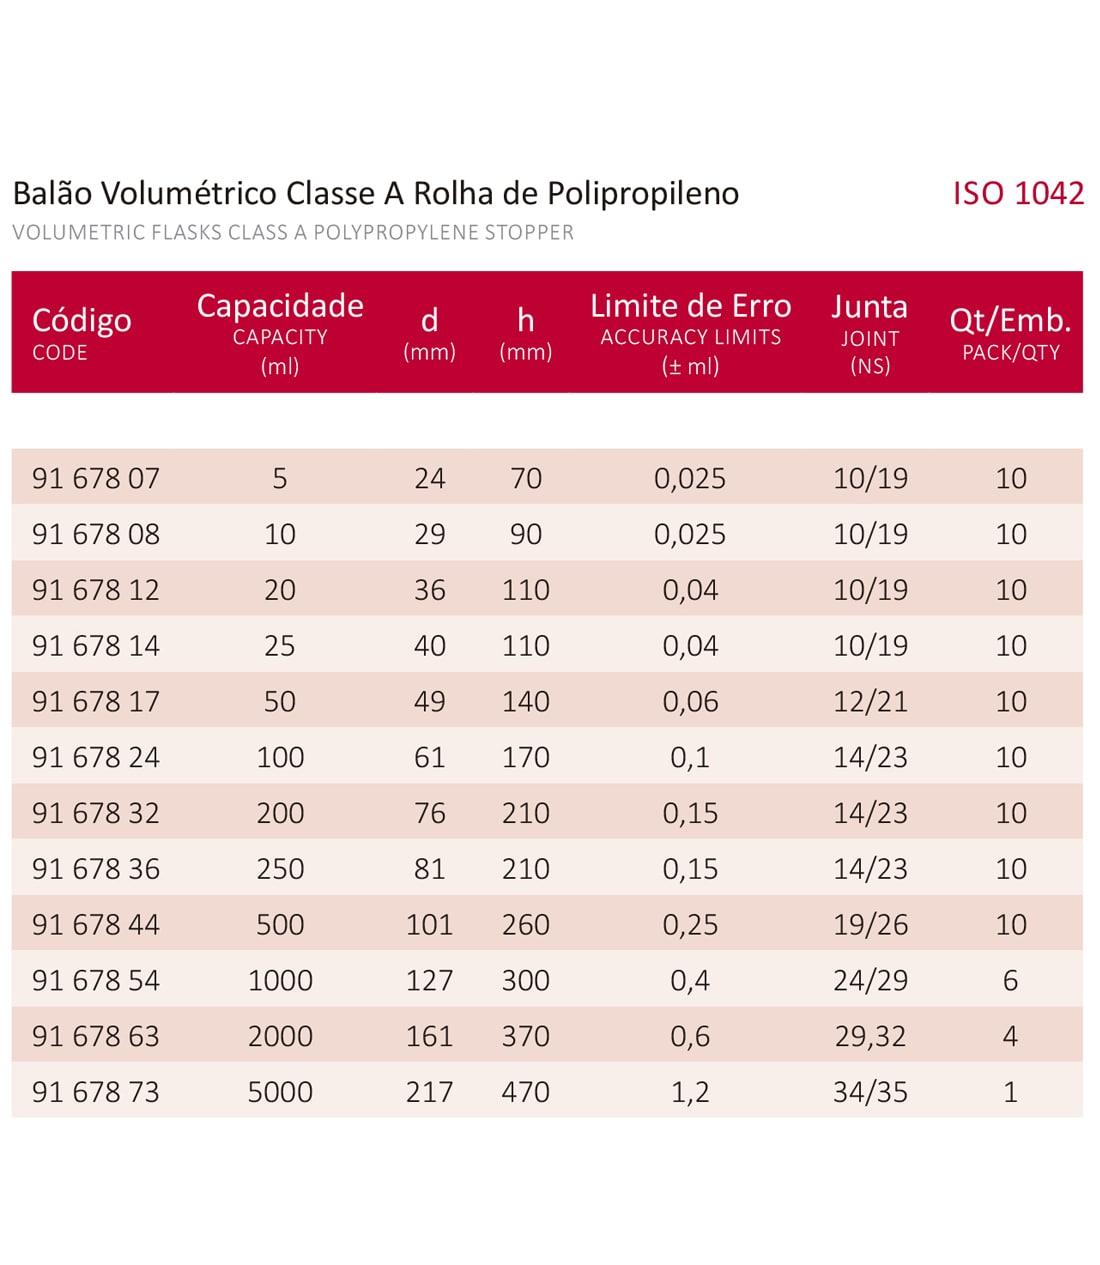 BALÃO VOLUMÉTRICO CLASSE A ROLHA POLI C/ CERTIFICADO RASTREÁVEL 5000 ML - Marca Laborglas - Cód. 9167873-C